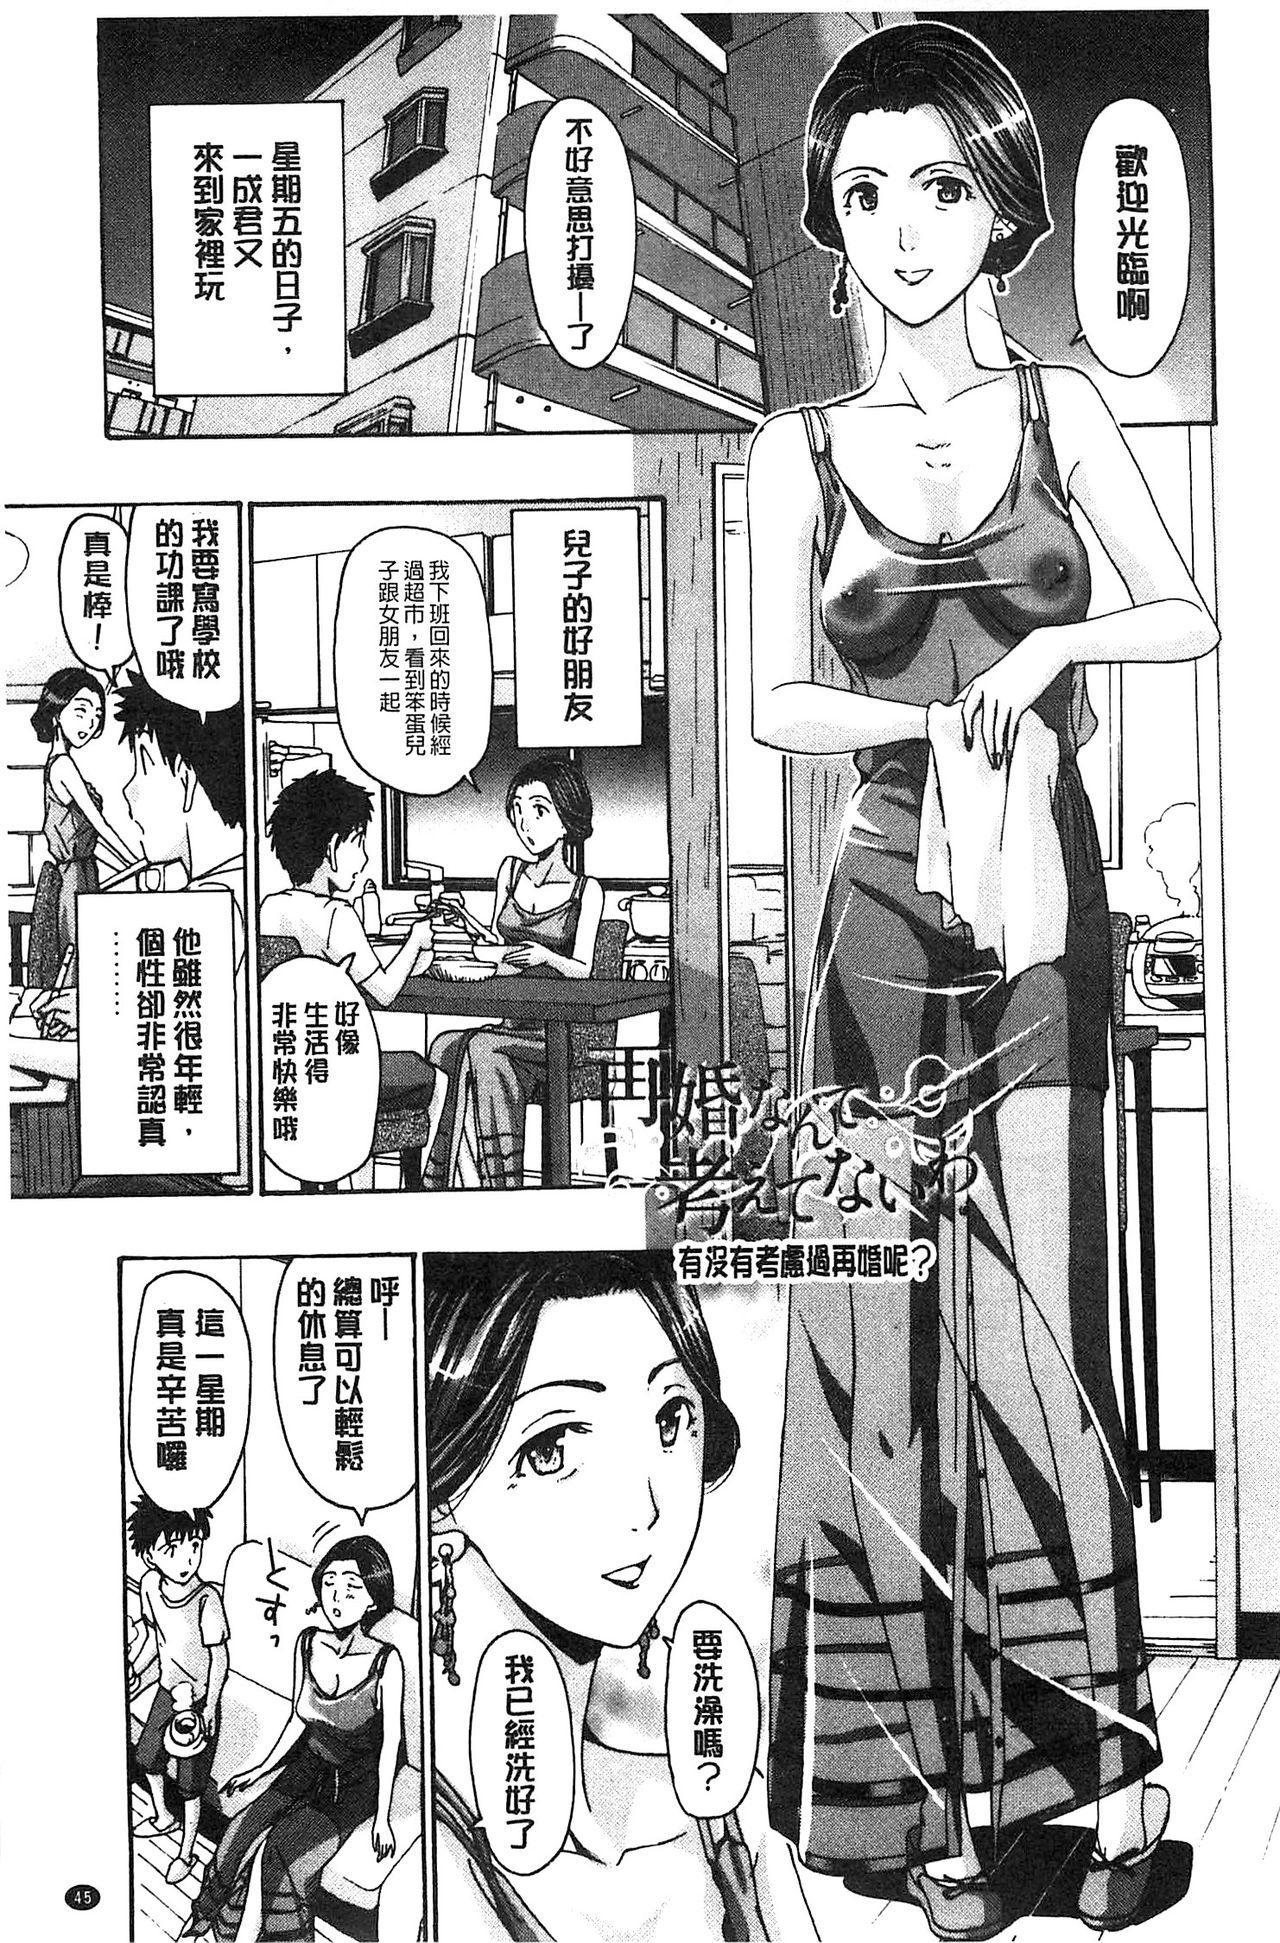 Watashito Iikoto Shiyo? 51